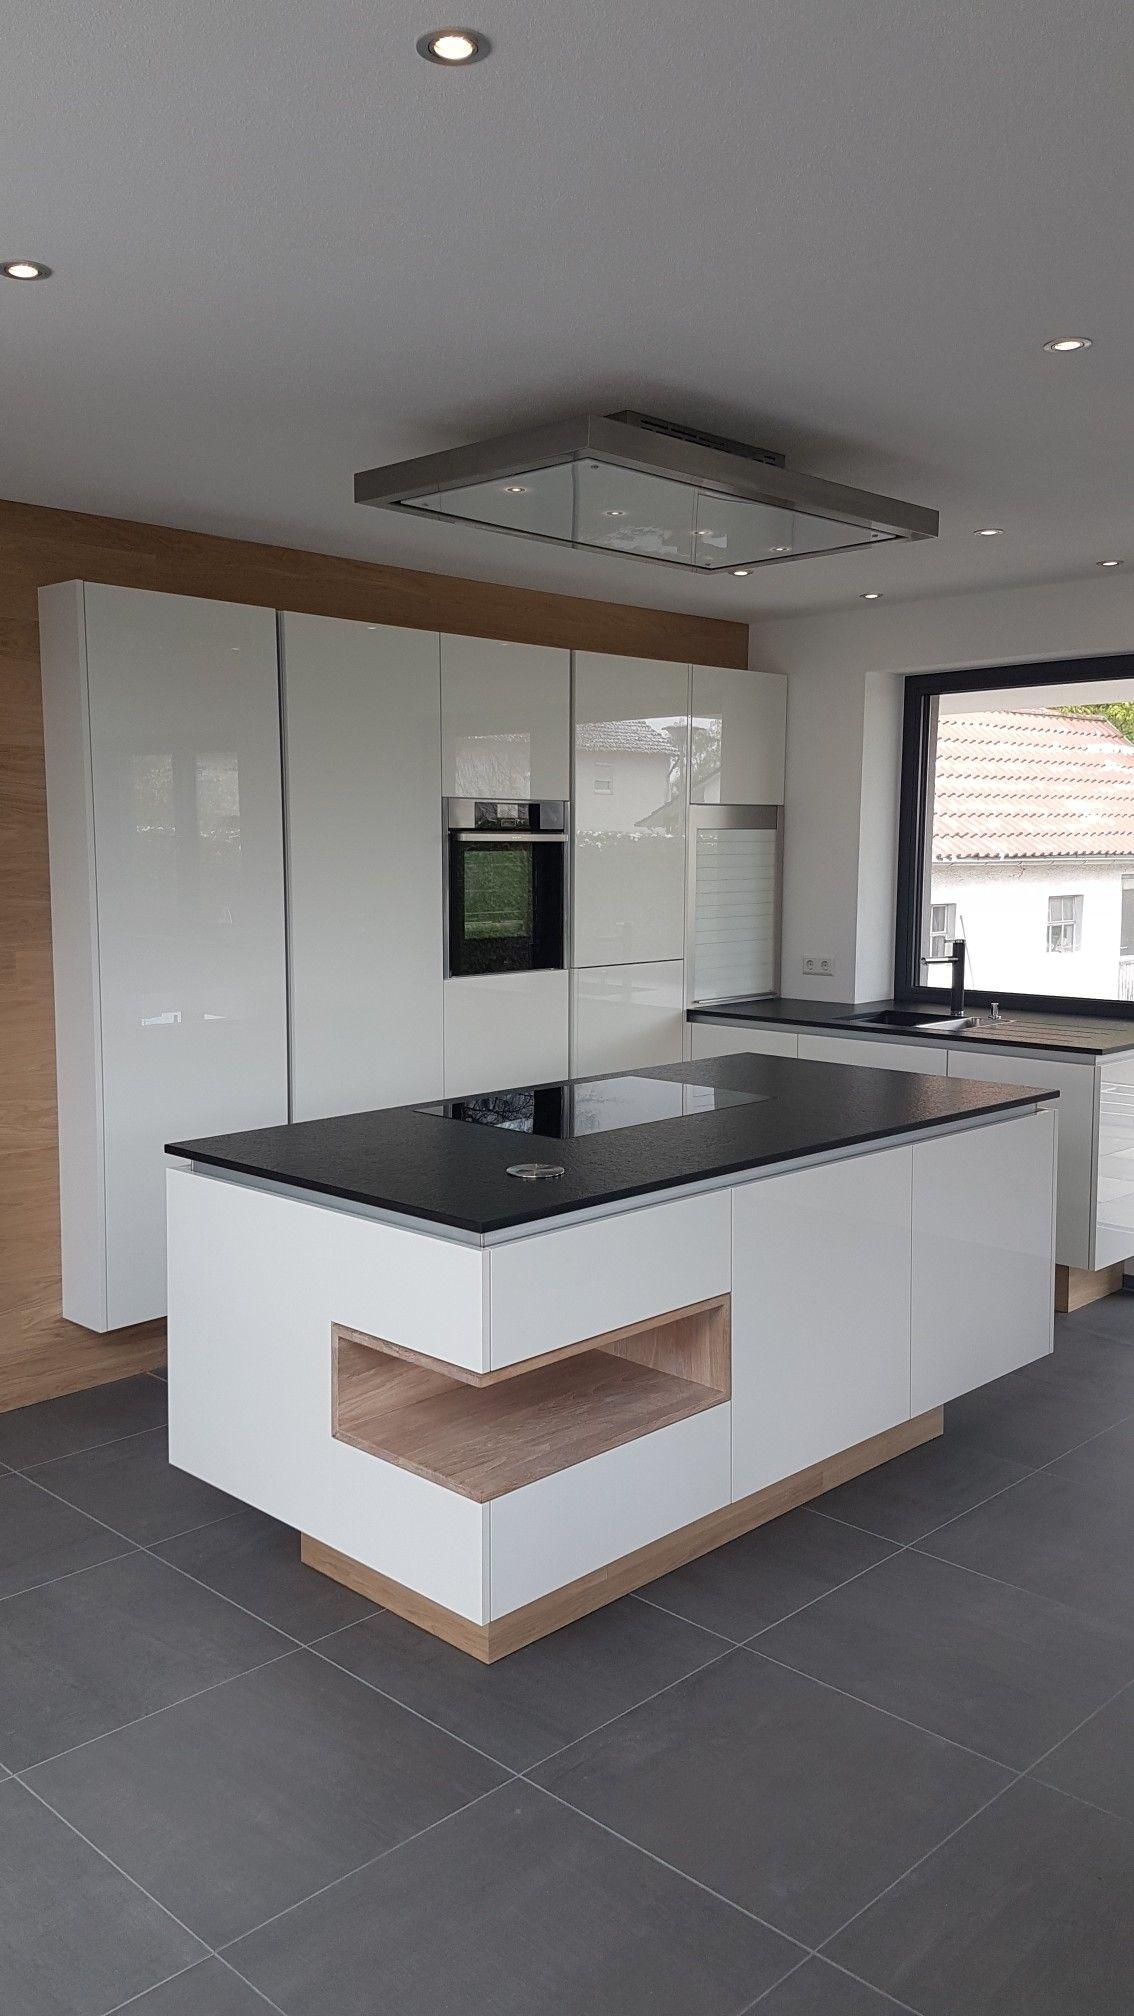 Küche Weiß Glanz Nero Assoluto Granit und Eiche Einsatz  Küche in